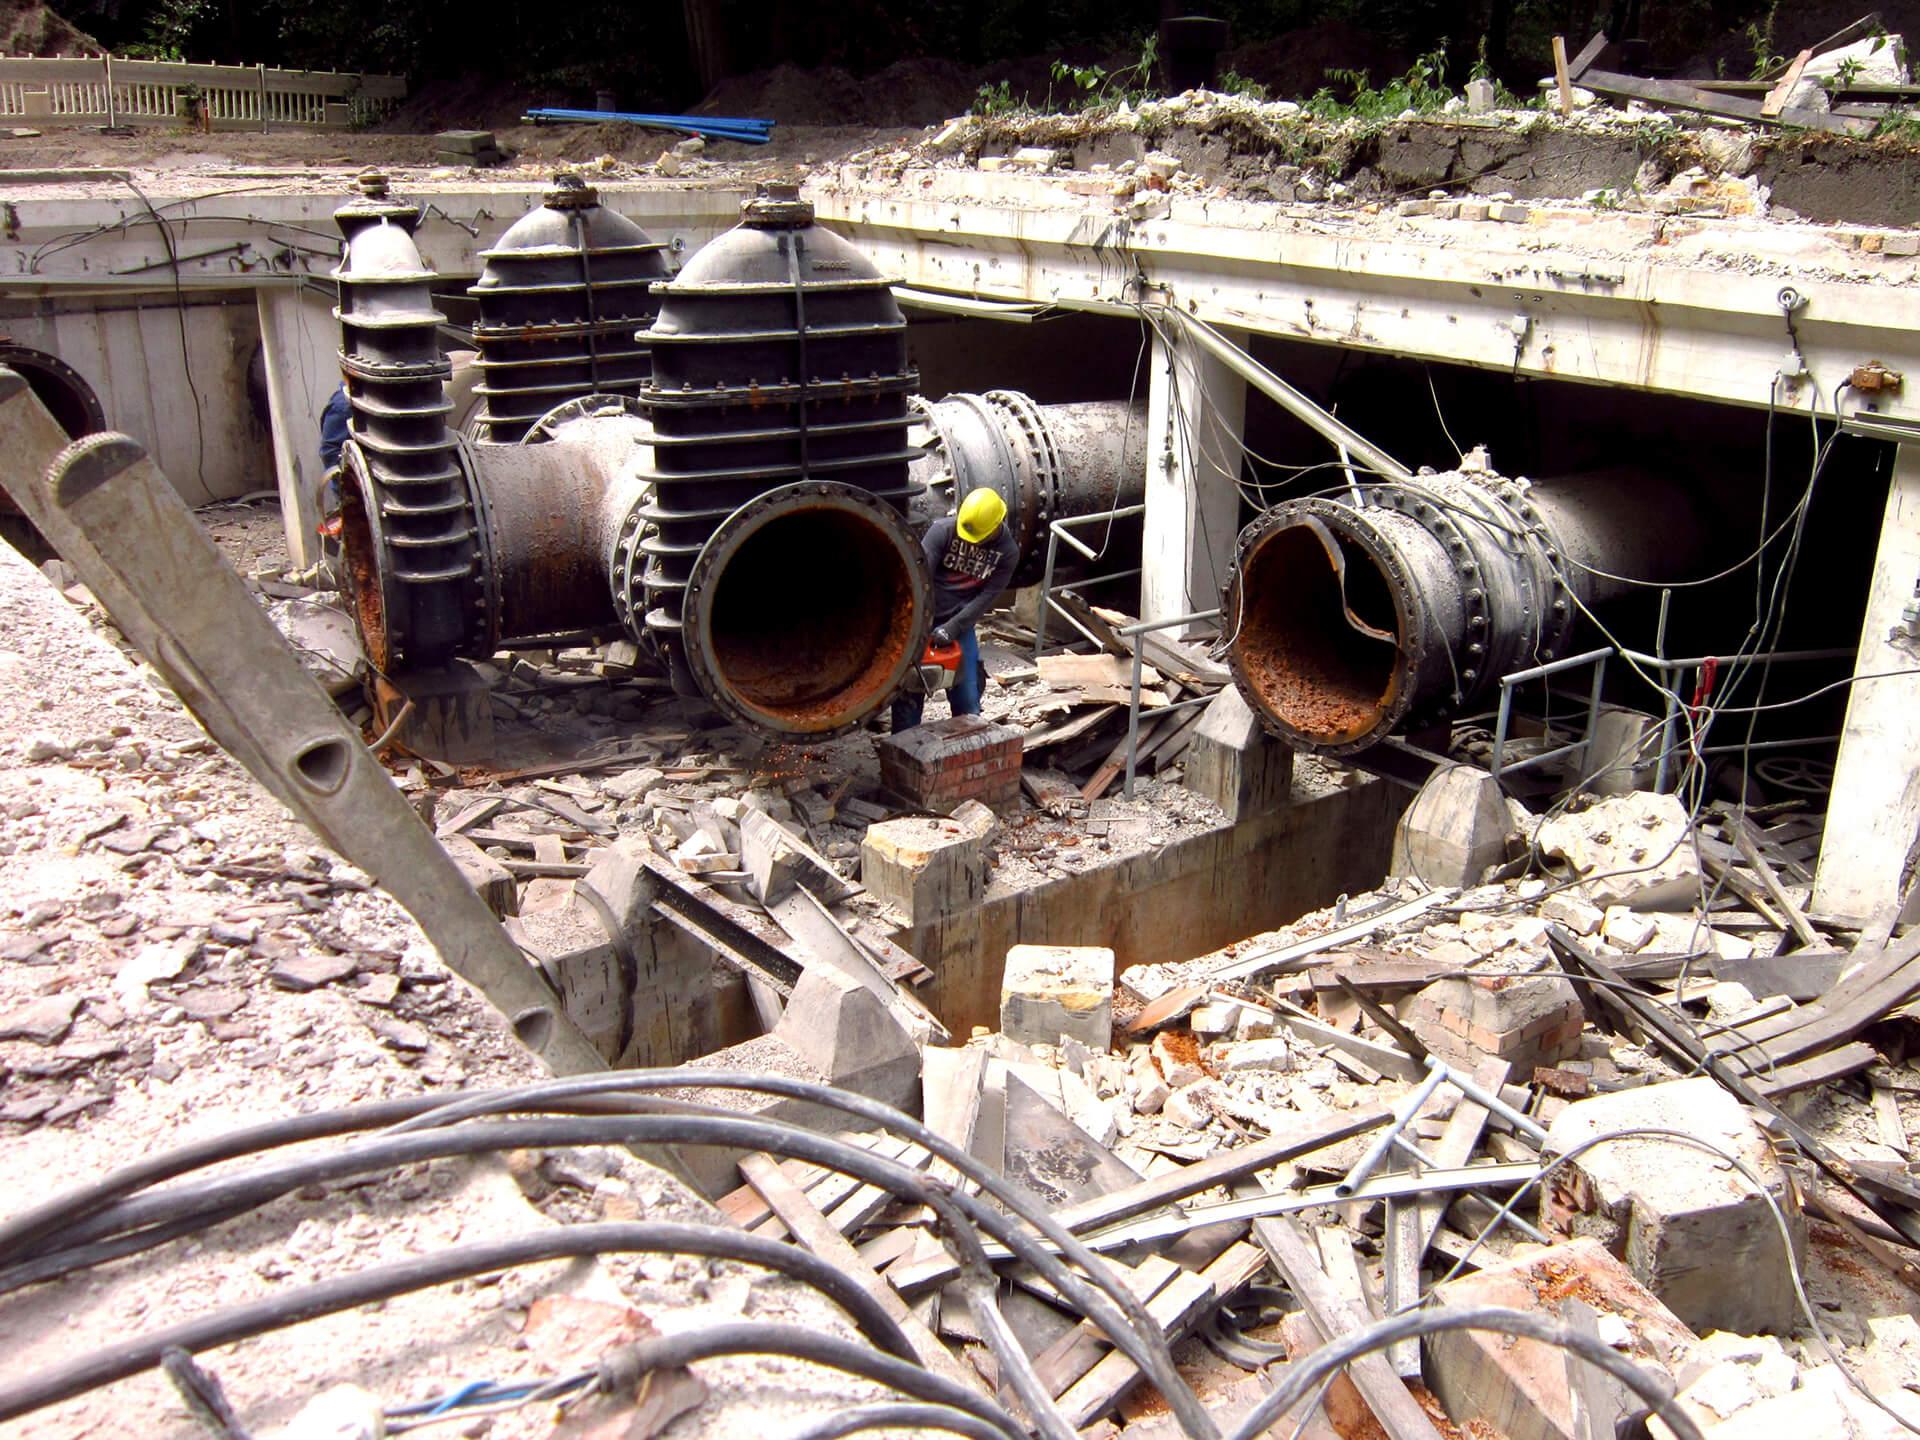 Abbruch der alten, für die Steuerung des Zu- und Ablaufs der Wasserkammern auf der Fernleitung zuständigen Schieberstation rund 300 Meter unterhalb des Hochbehälters